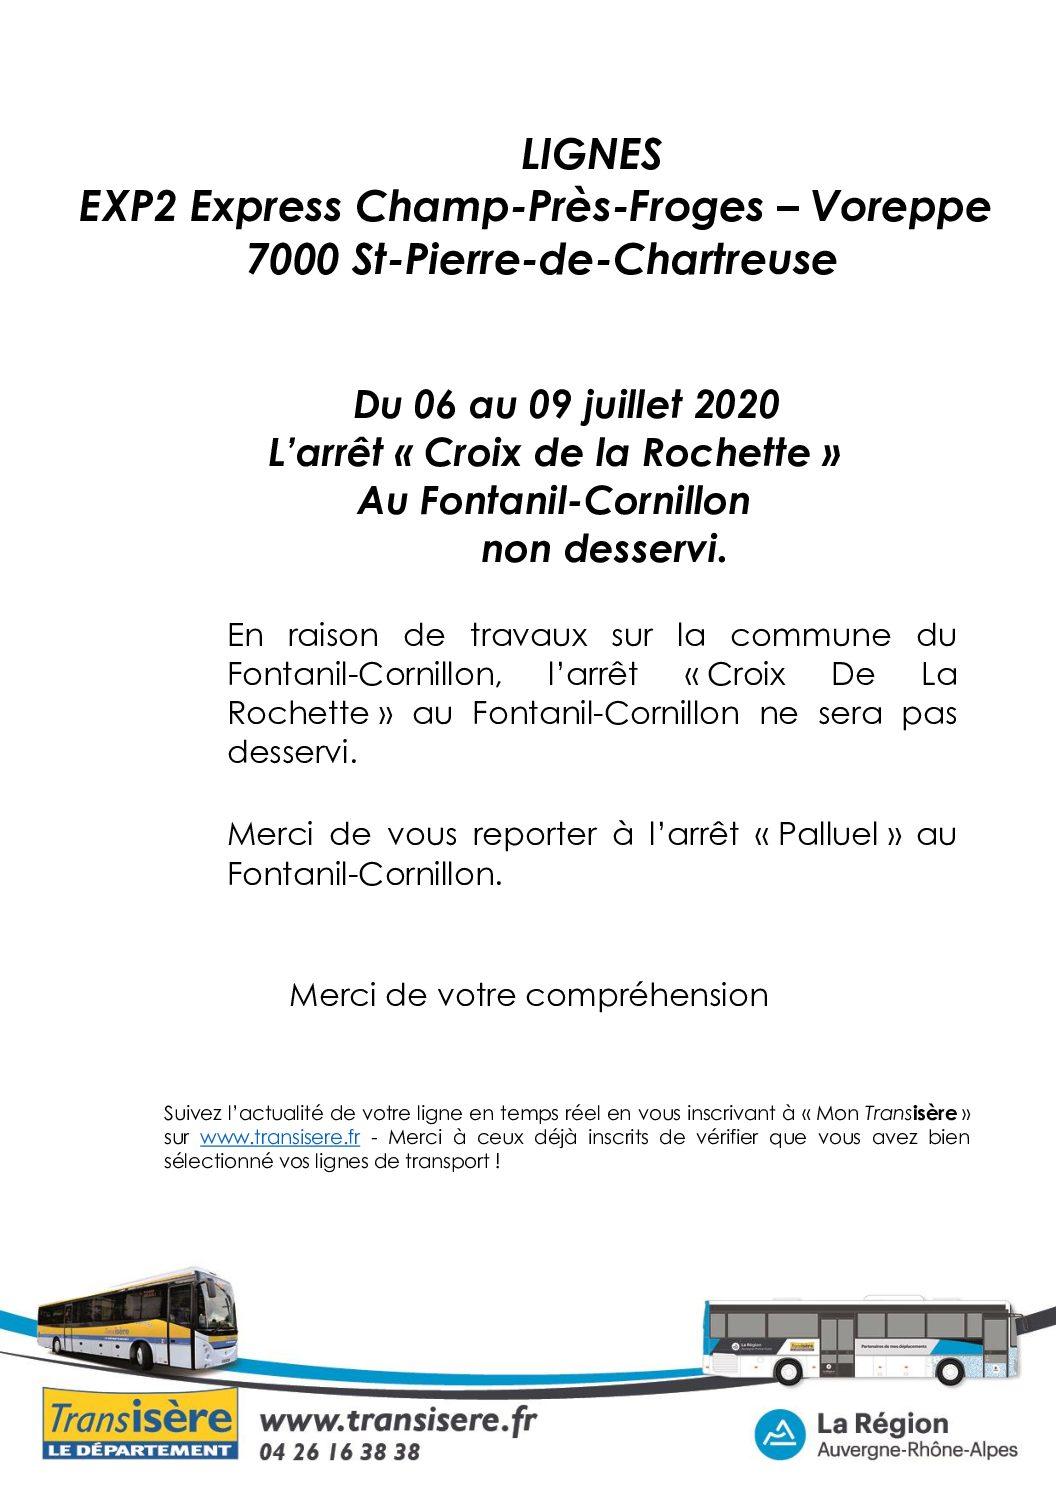 """Ligne 7000, arrêt """"Croix de la Rochette"""" non desservi"""